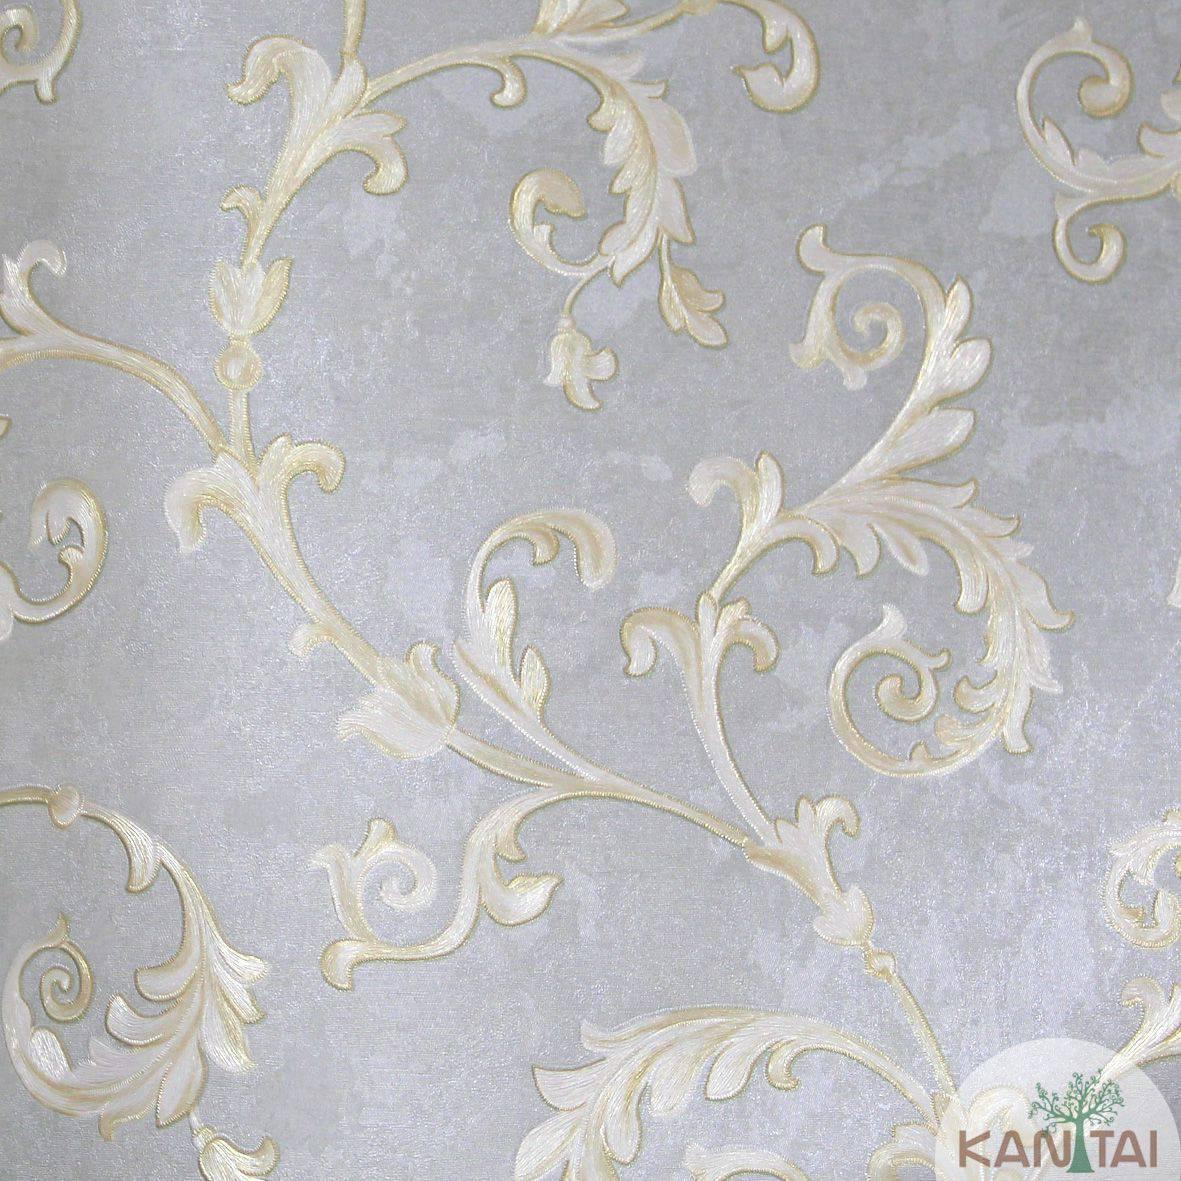 Papel de Parede Importado  Kan Tai  Vinílico Coleção Grace Arabesco Verde Claro, Dourado, Prata, Leve brilho